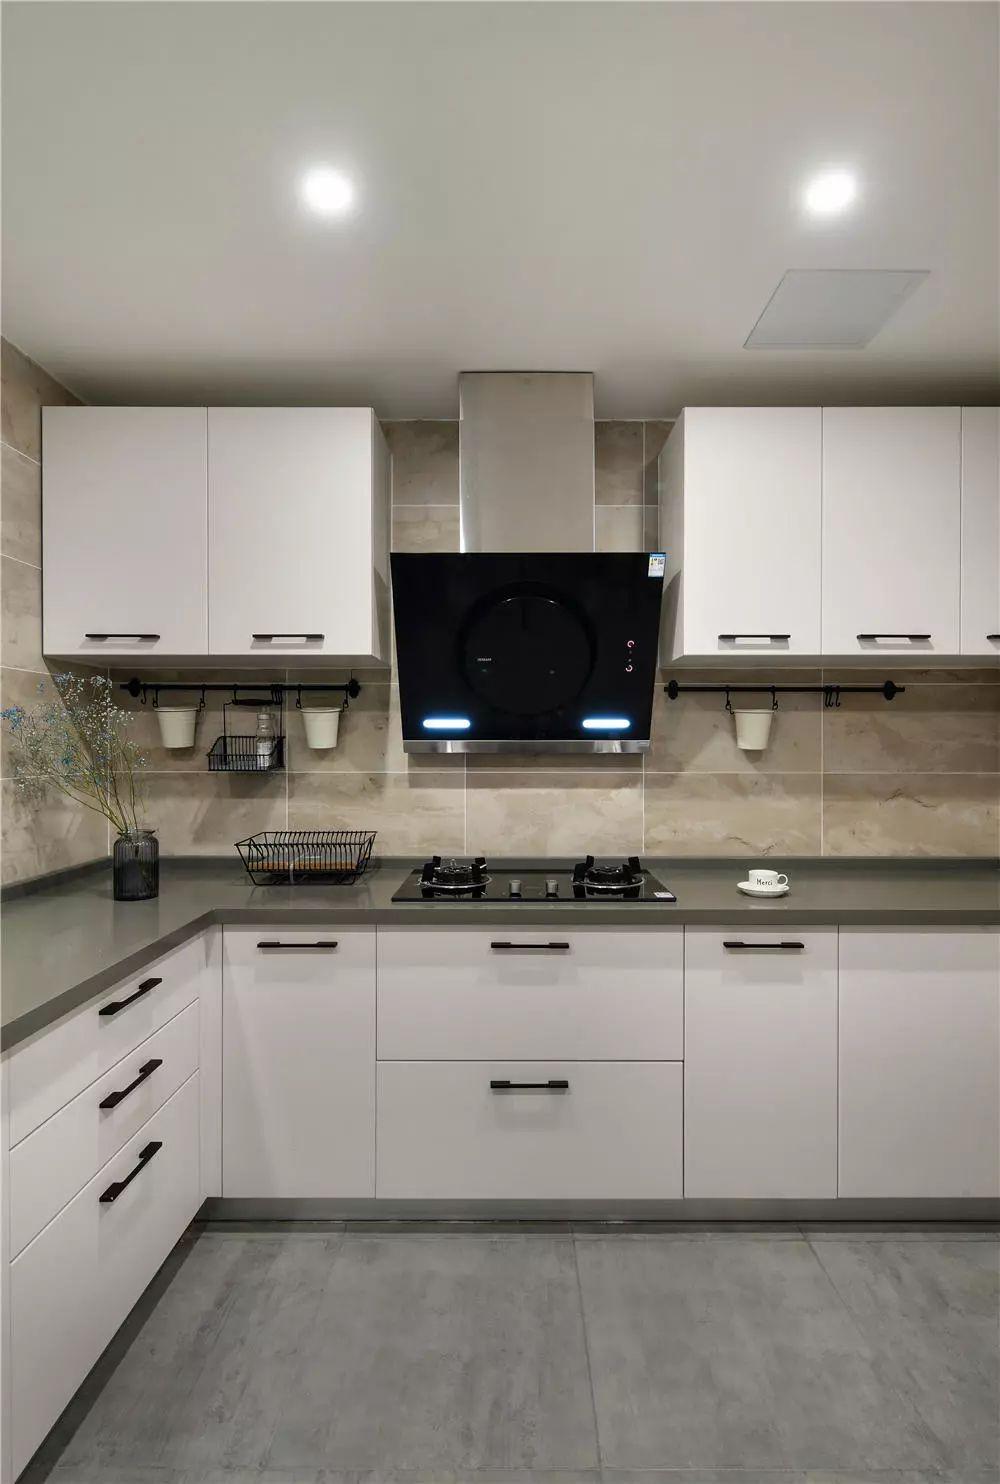 厨房内简单的配色干净明亮,收纳齐全。